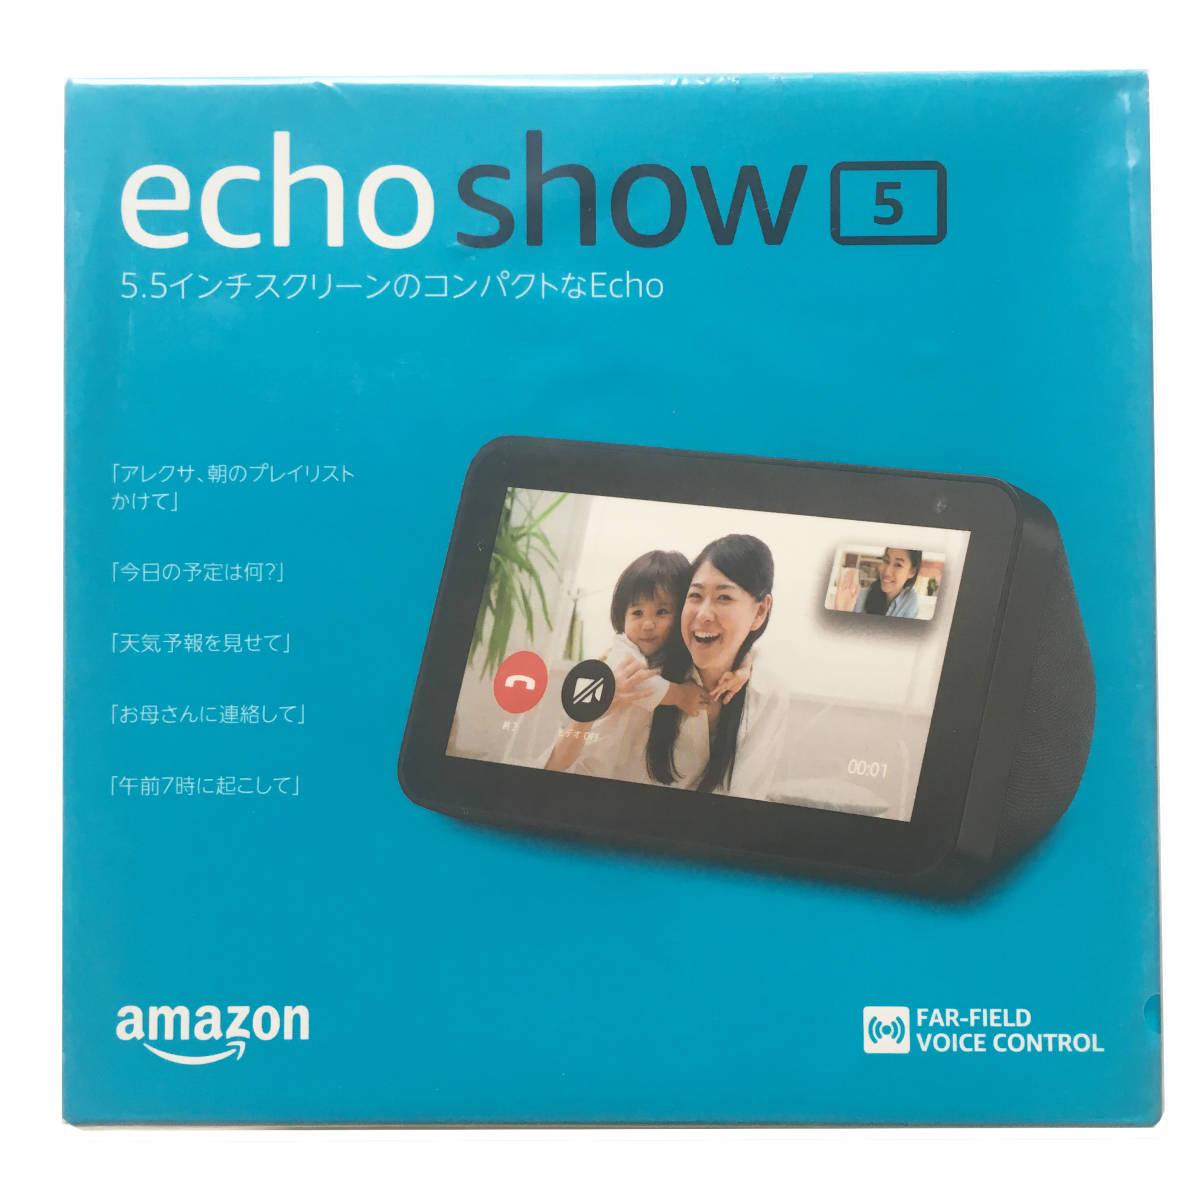 【新品・未開封】 Amazon Echo Show 5 (エコーショー5) スクリーン付きスマートスピーカー with Alexa ブラック_画像1